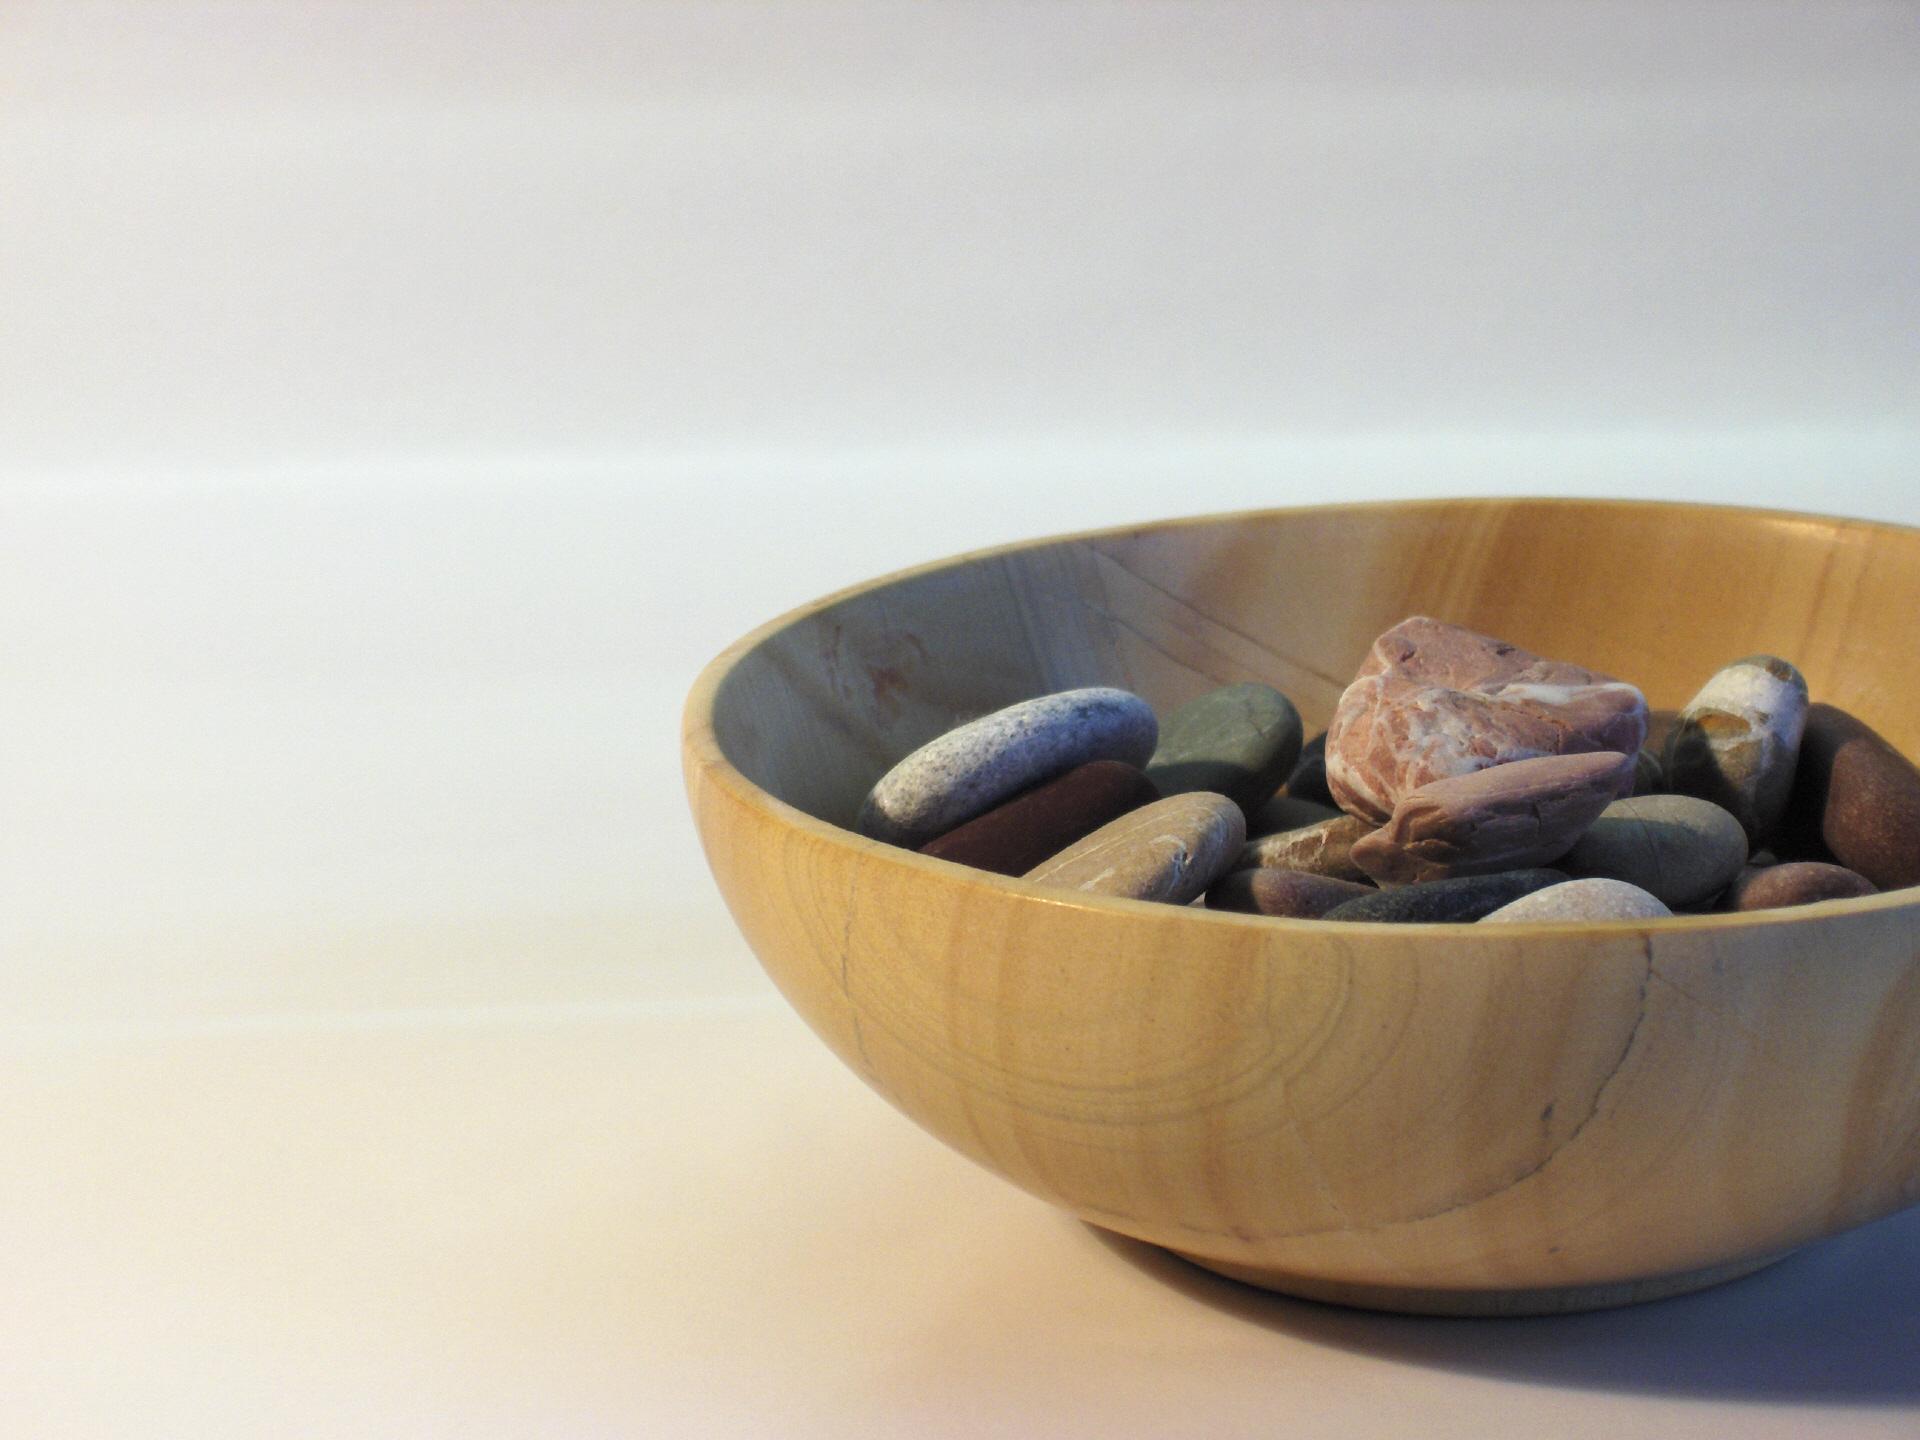 Meditation in Motion Für mehr Achtsamkeit, Ruhe und Entspannung.  In 8050 Zürich Oerlikon. Meditationskurse und Meditations-Ausbildungen.